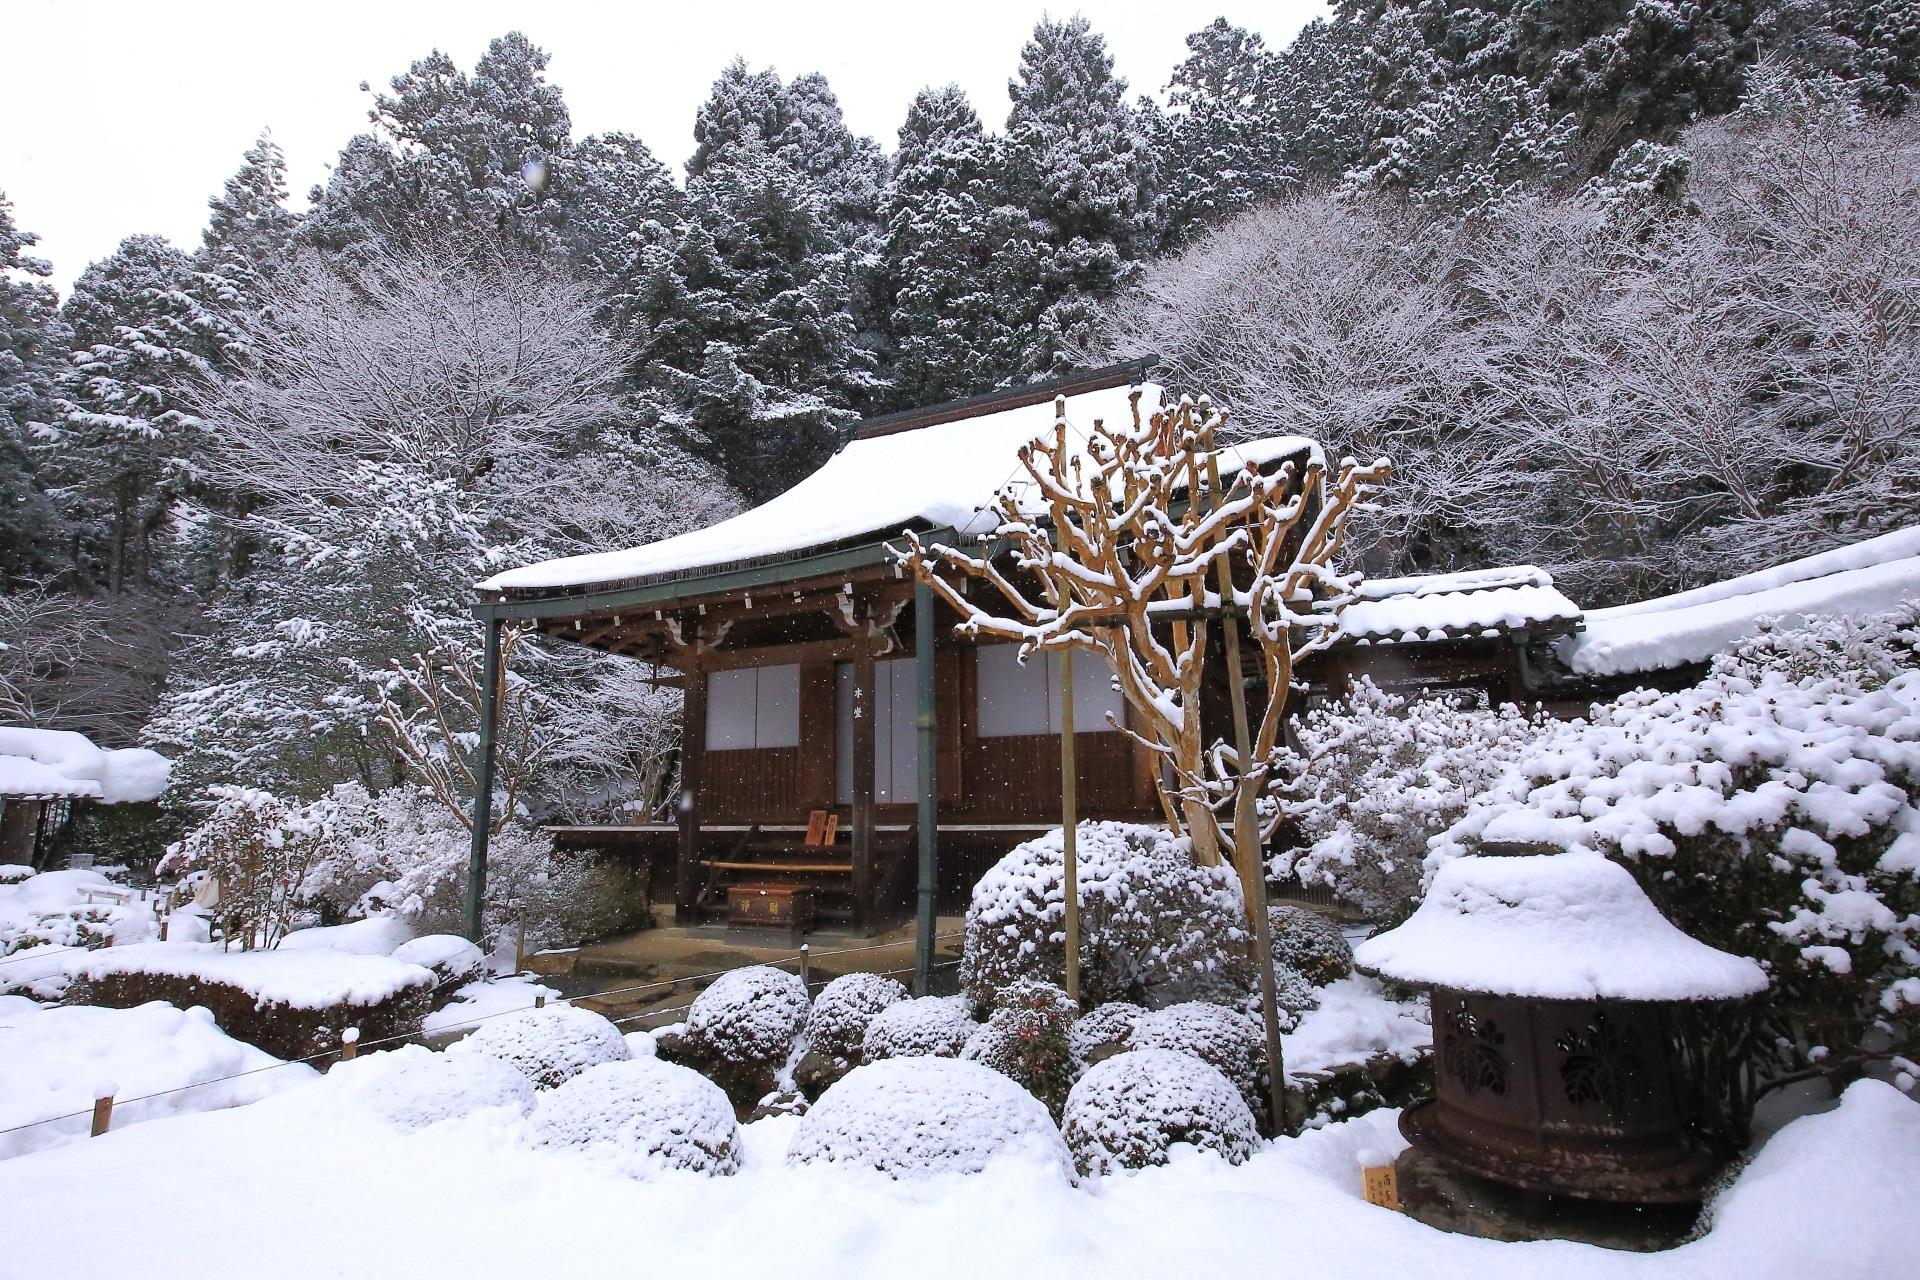 寂光院 雪 大原の深く華やかな冬景色